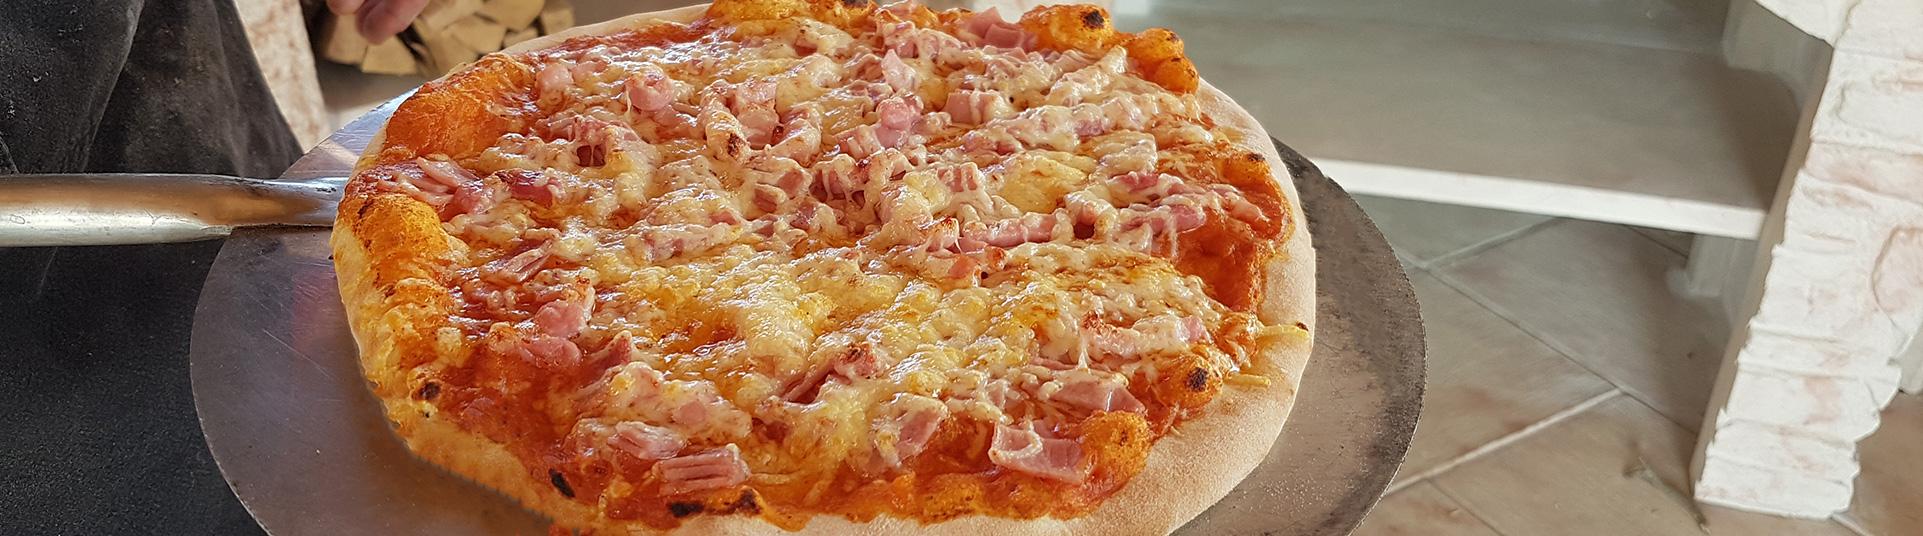 four à pizza et four à bois en fonte